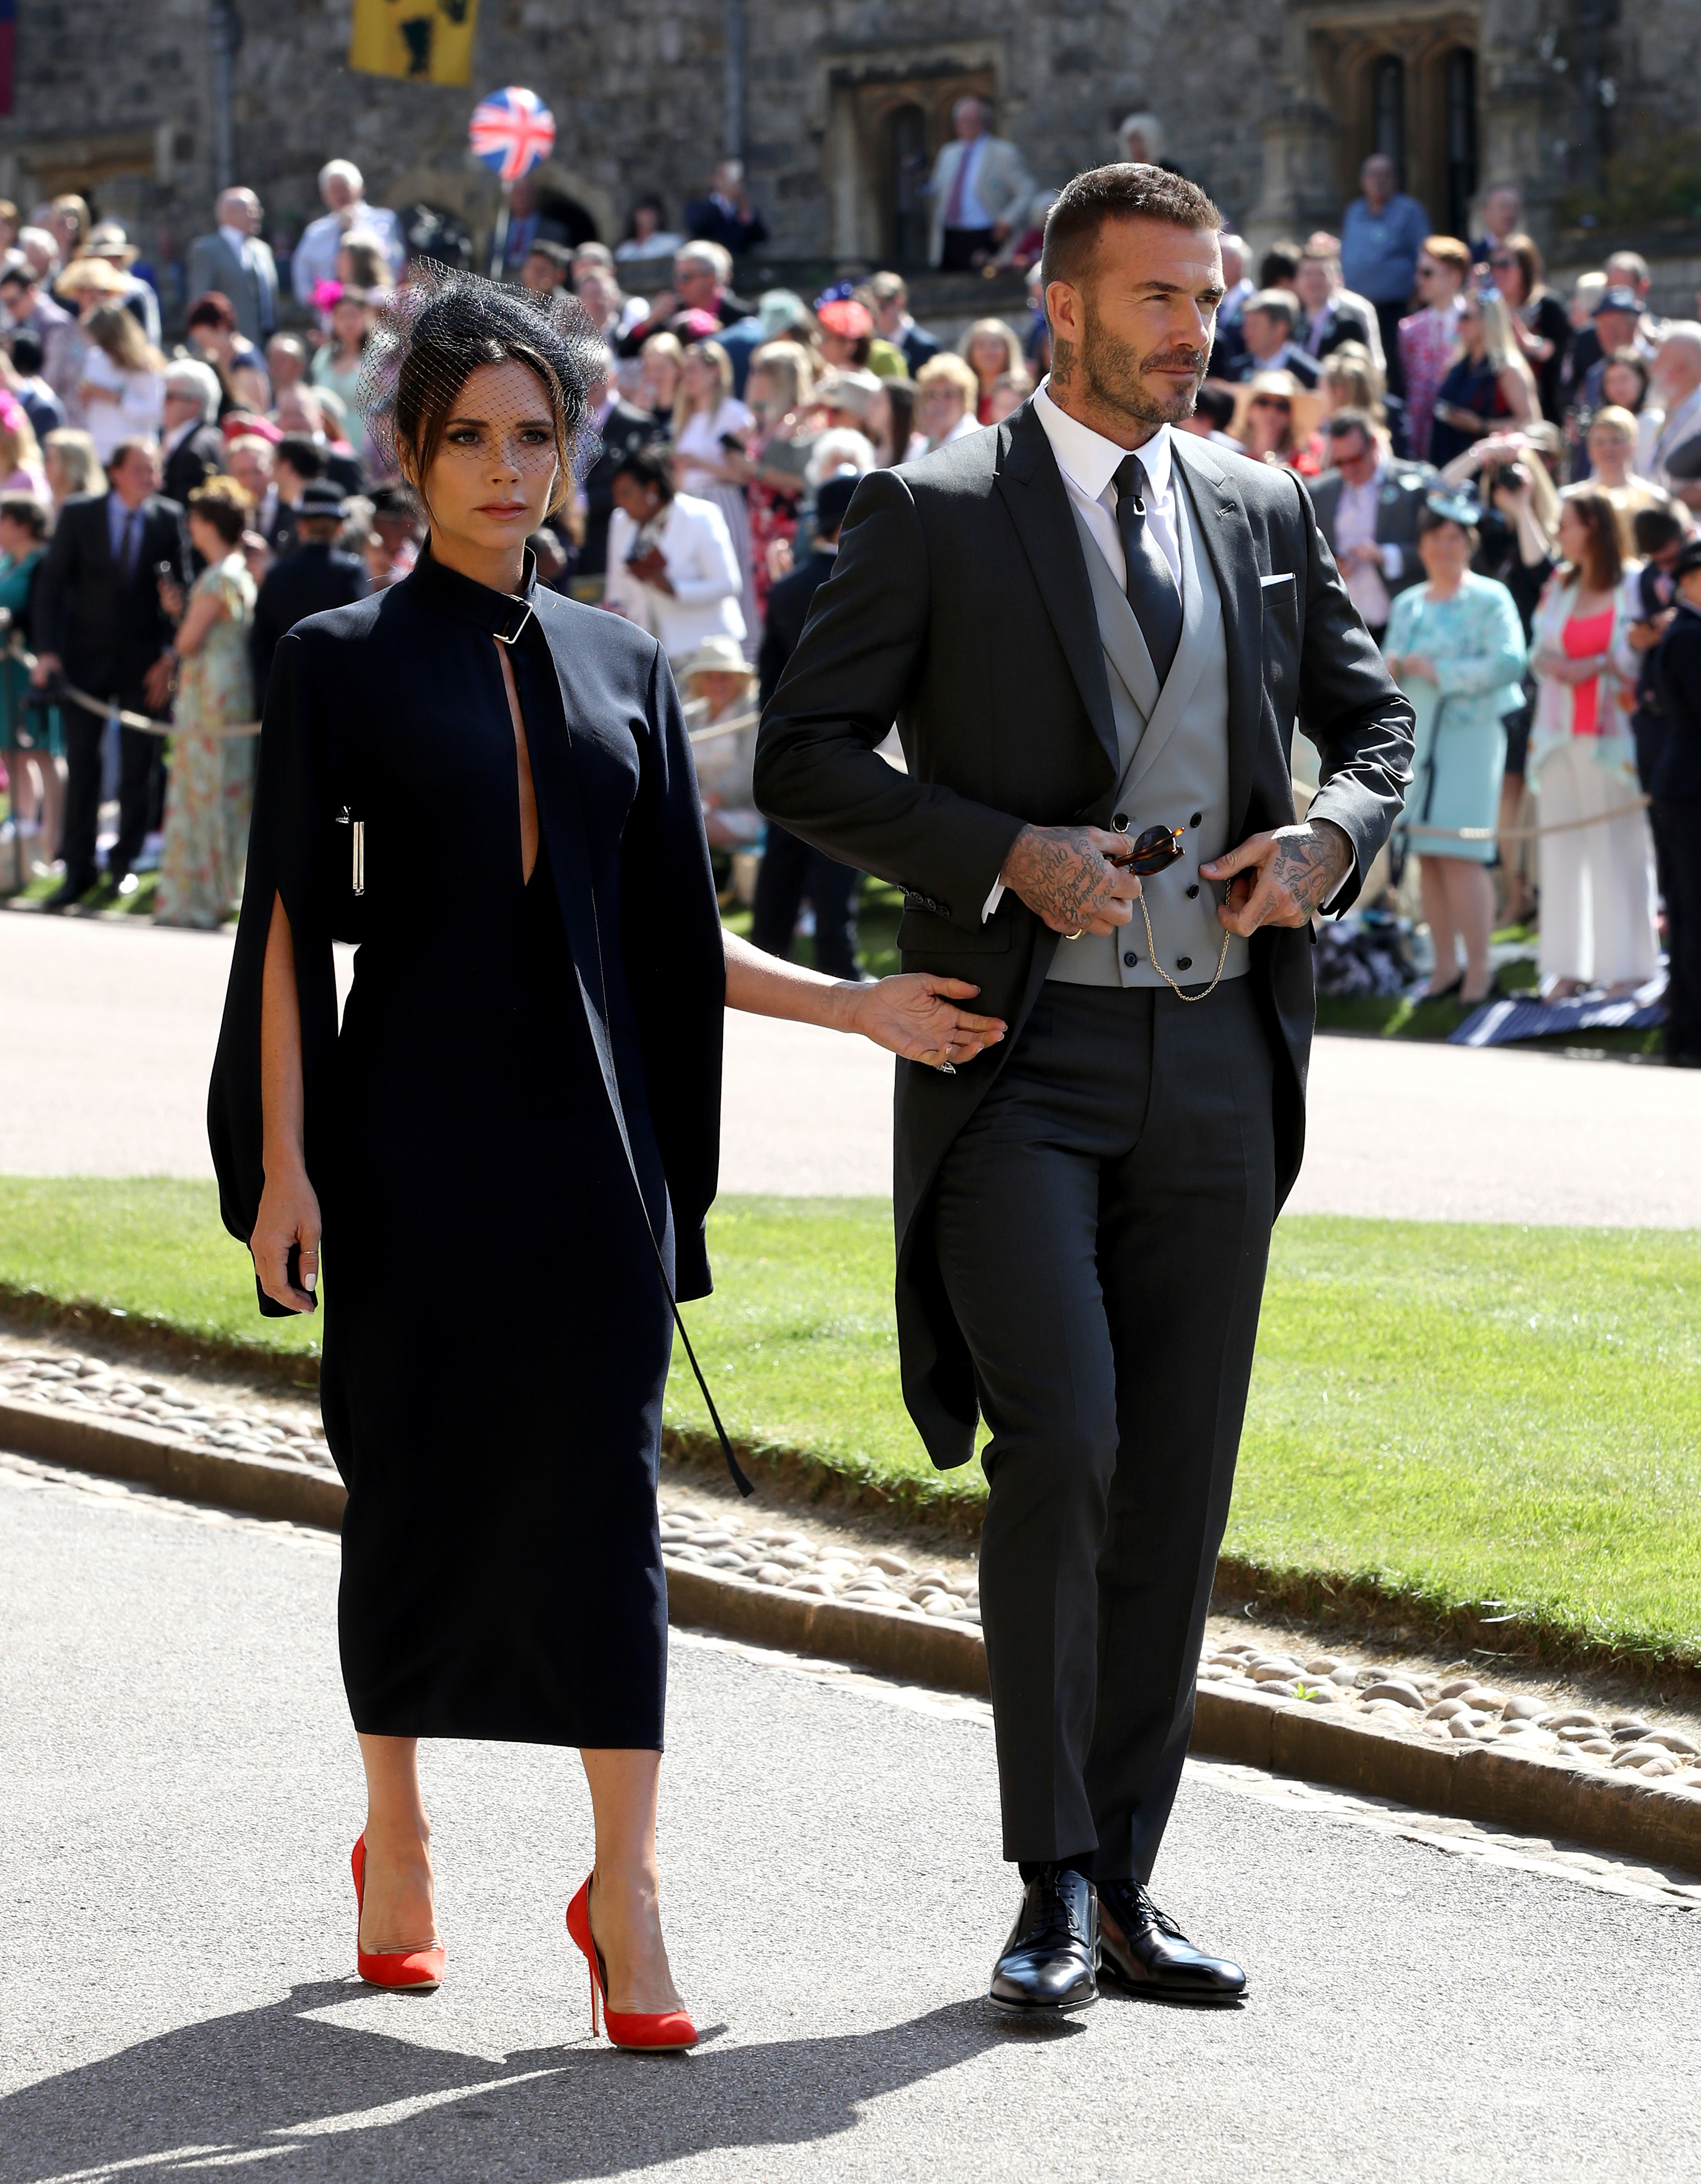 Royal Wedding Guests.Royal Wedding Guests Who Was The Best Dressed Weddings